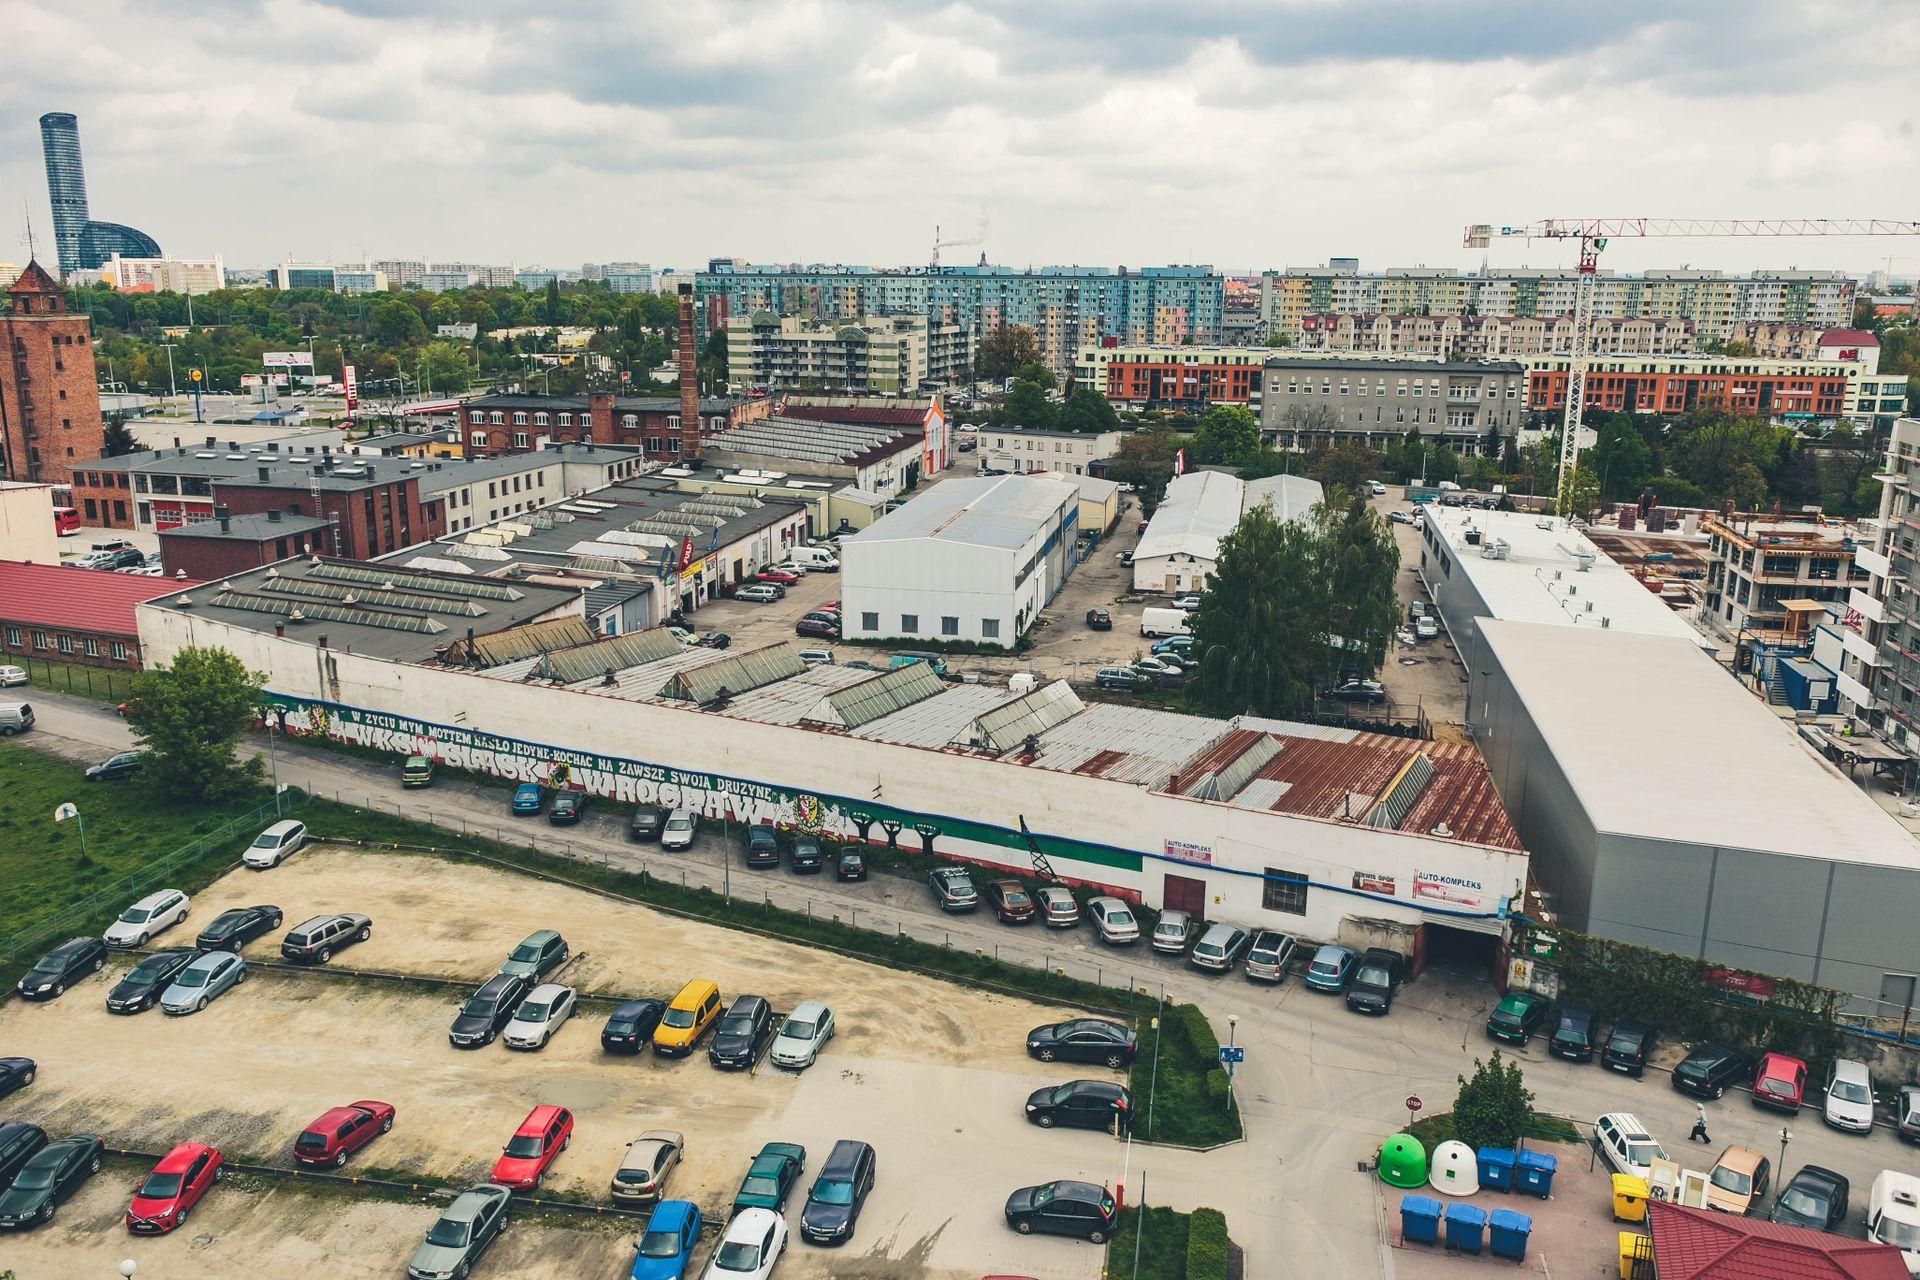 [Wrocław] Szykuje się kolejna inwestycja mieszkaniowa na Gaju. Tuż obok straży pożarnej